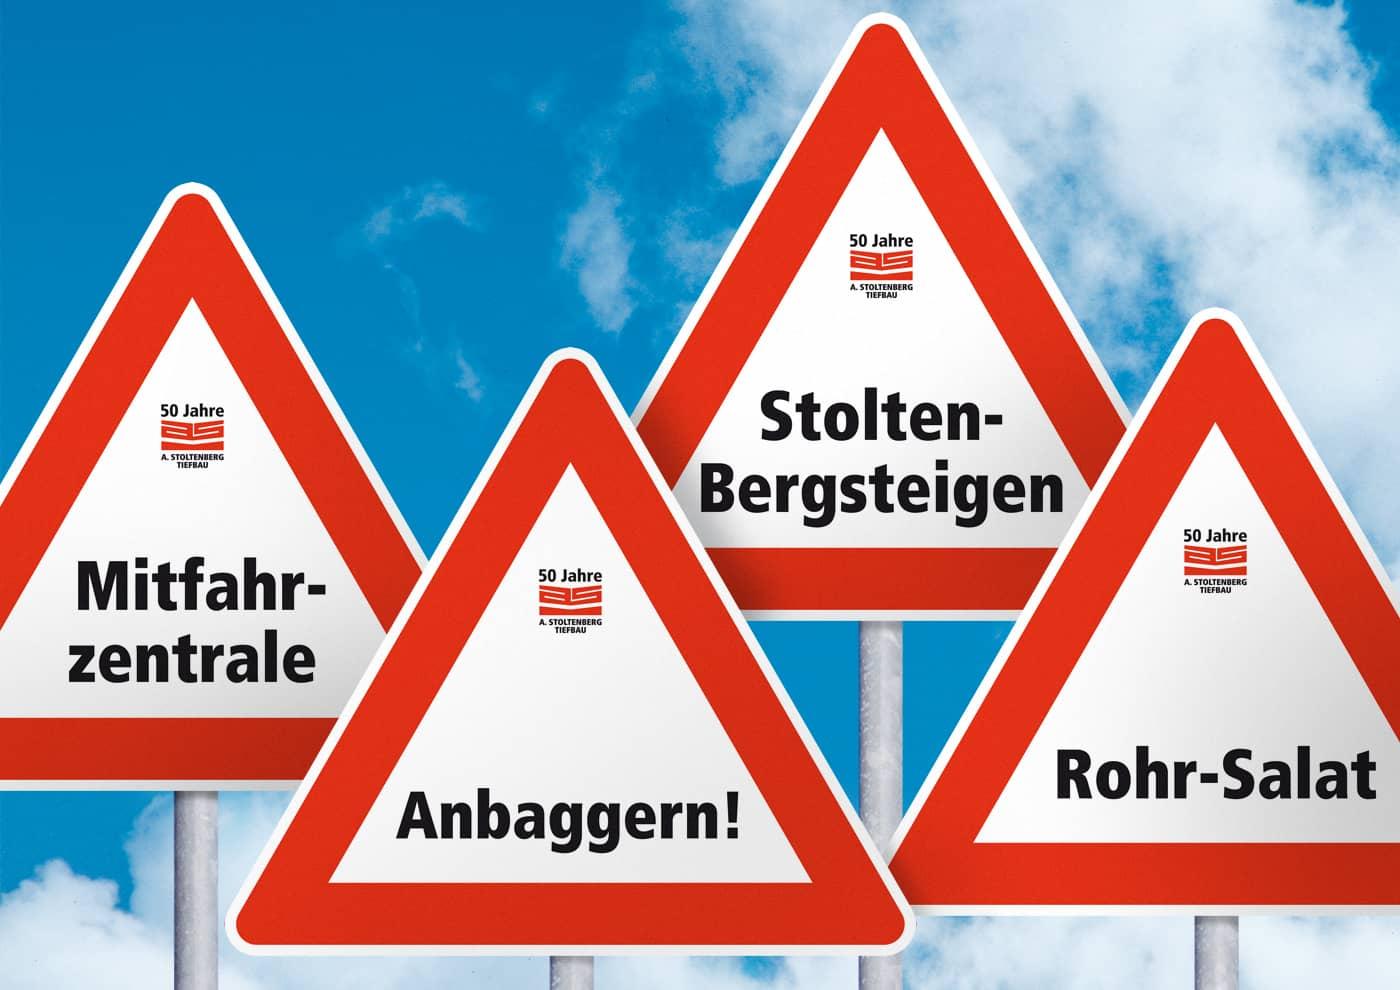 Event-, Print- und Online-Konzeption für die Unternehmensgruppe Stoltenberg: Hinweis-Schilder